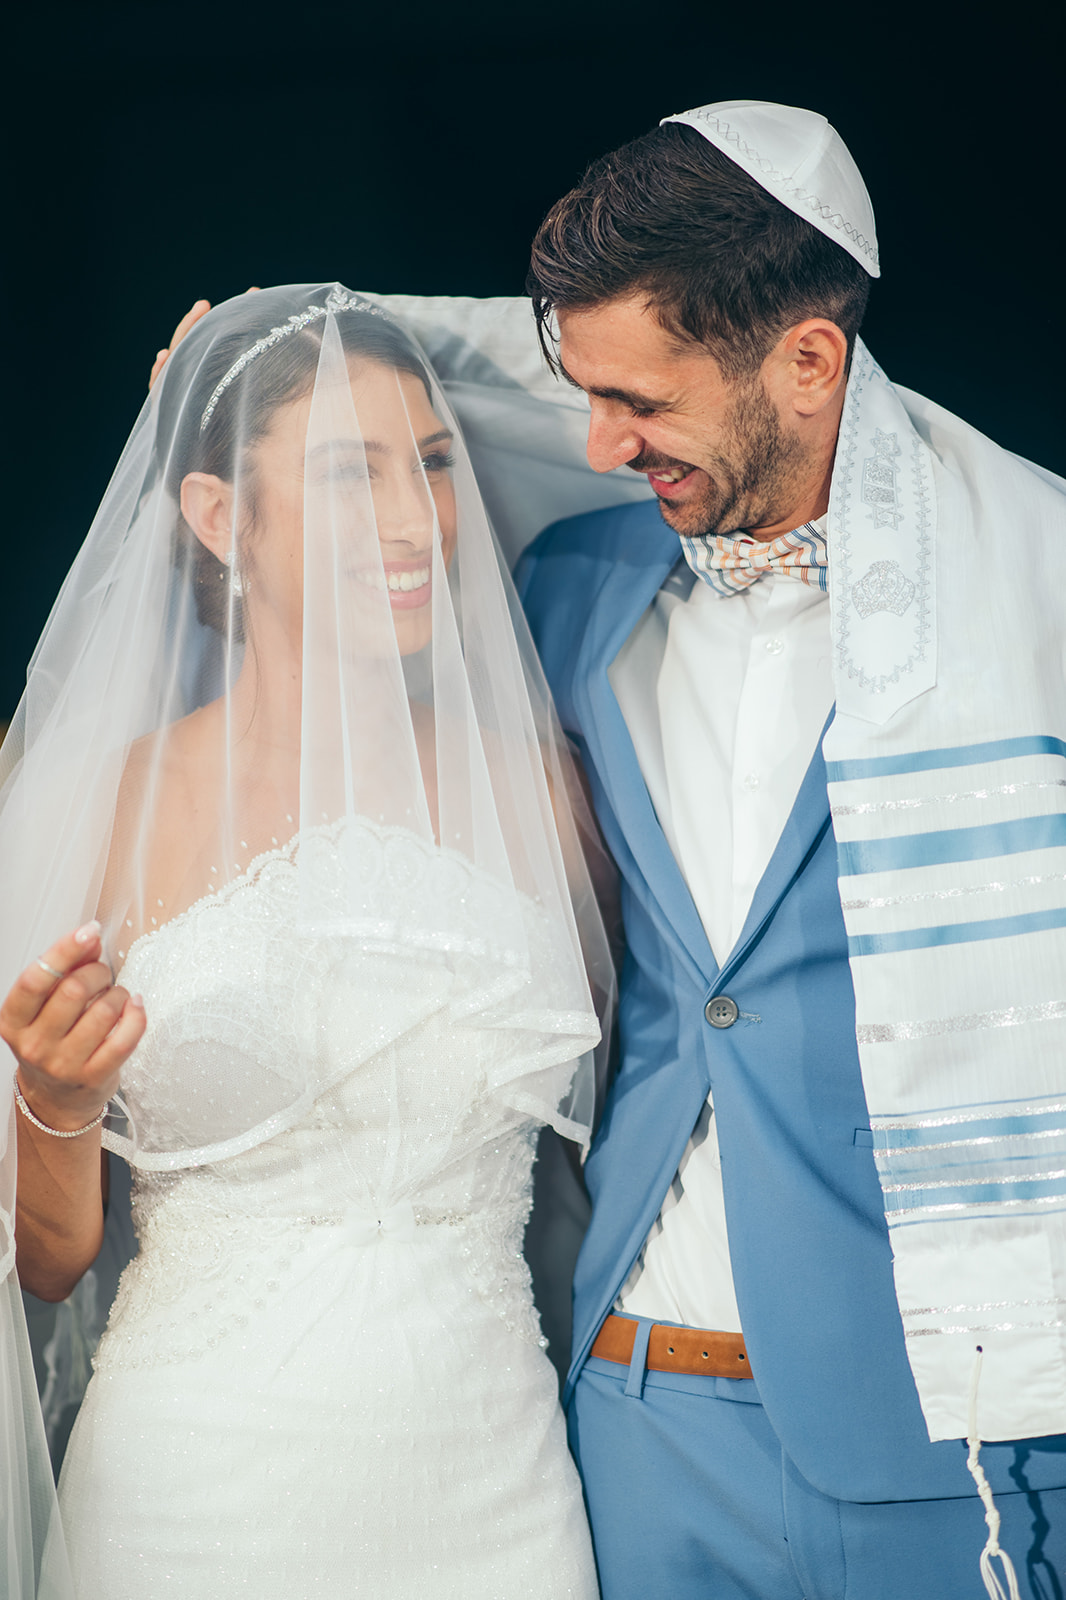 חתונת בית אינטימית ומעוצבת